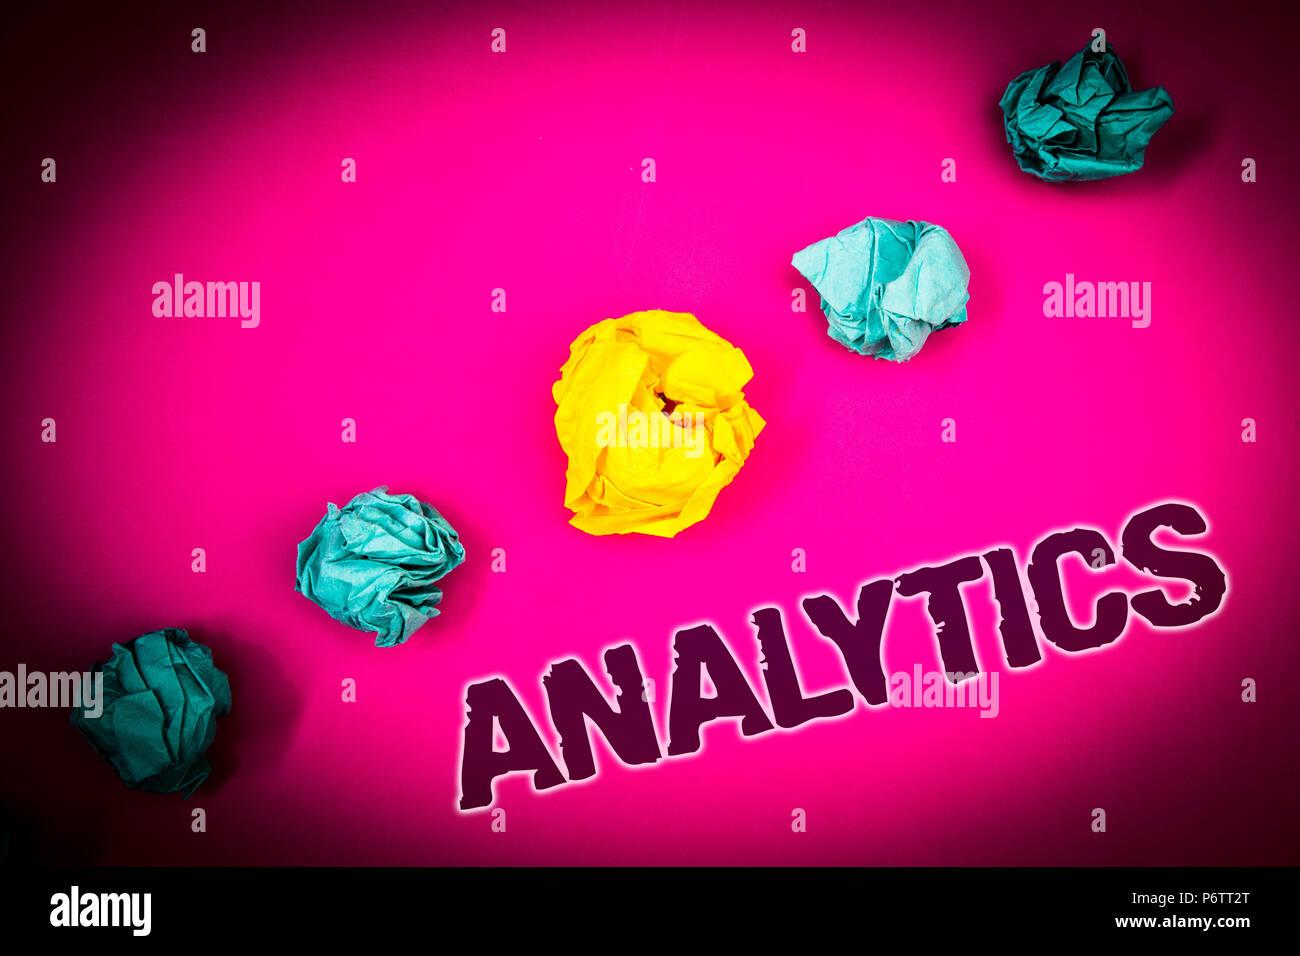 Text Zeichen angezeigt Analytics. Konzeptionelle foto Analyse der Daten finanzielle Informationen Statistiken Bericht Dashboard Ideen Konzept rosa Hintergrund zerknittert p Stockbild